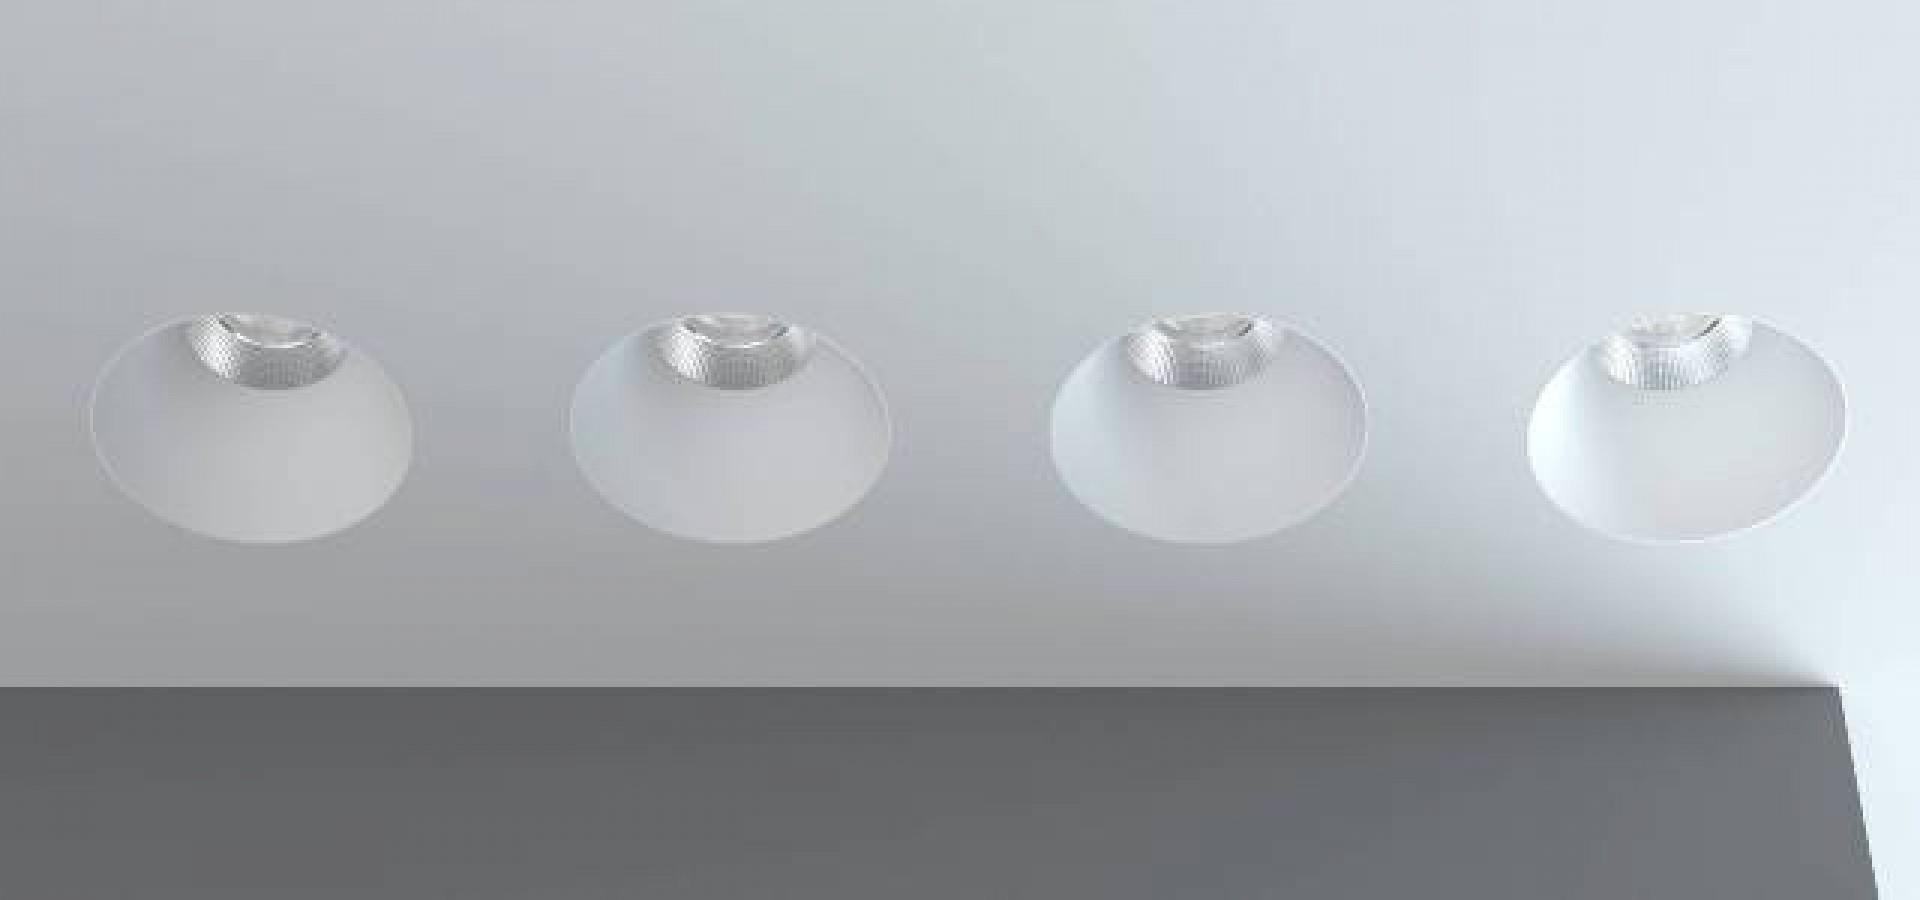 О встраиваемых светильниках под покраску